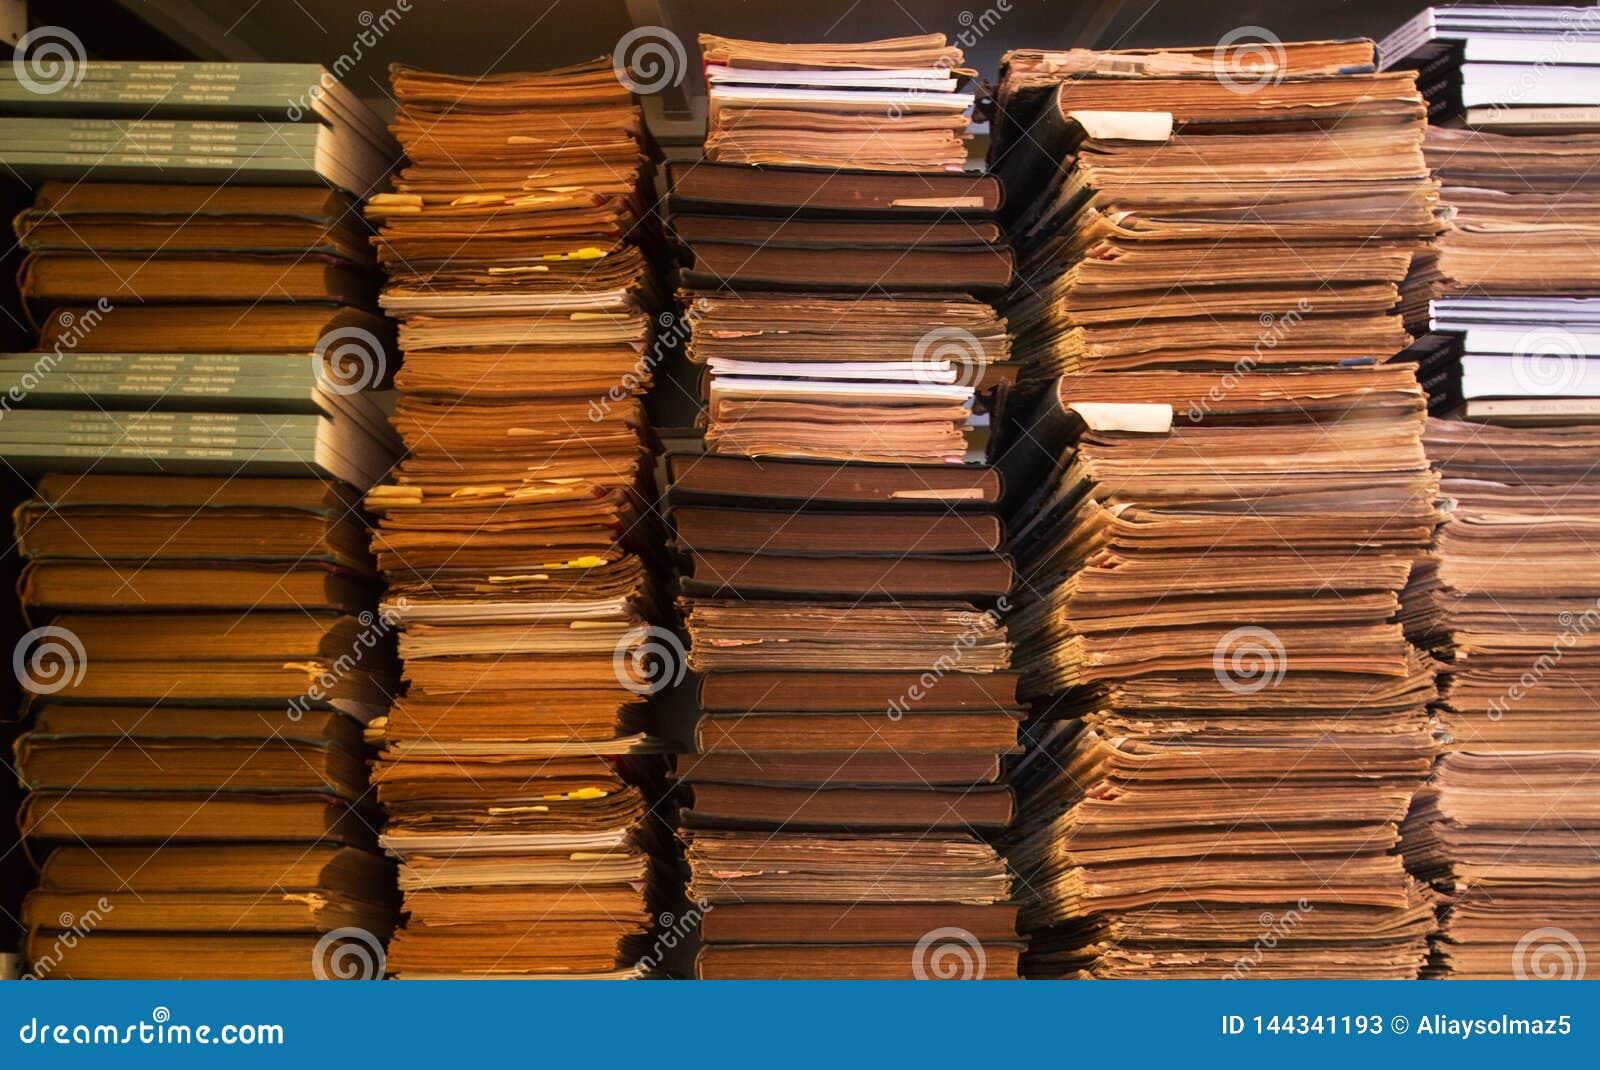 Старые античные книги на книжных полках, предпосылке книжных полков, стоге старых книг и бумагах